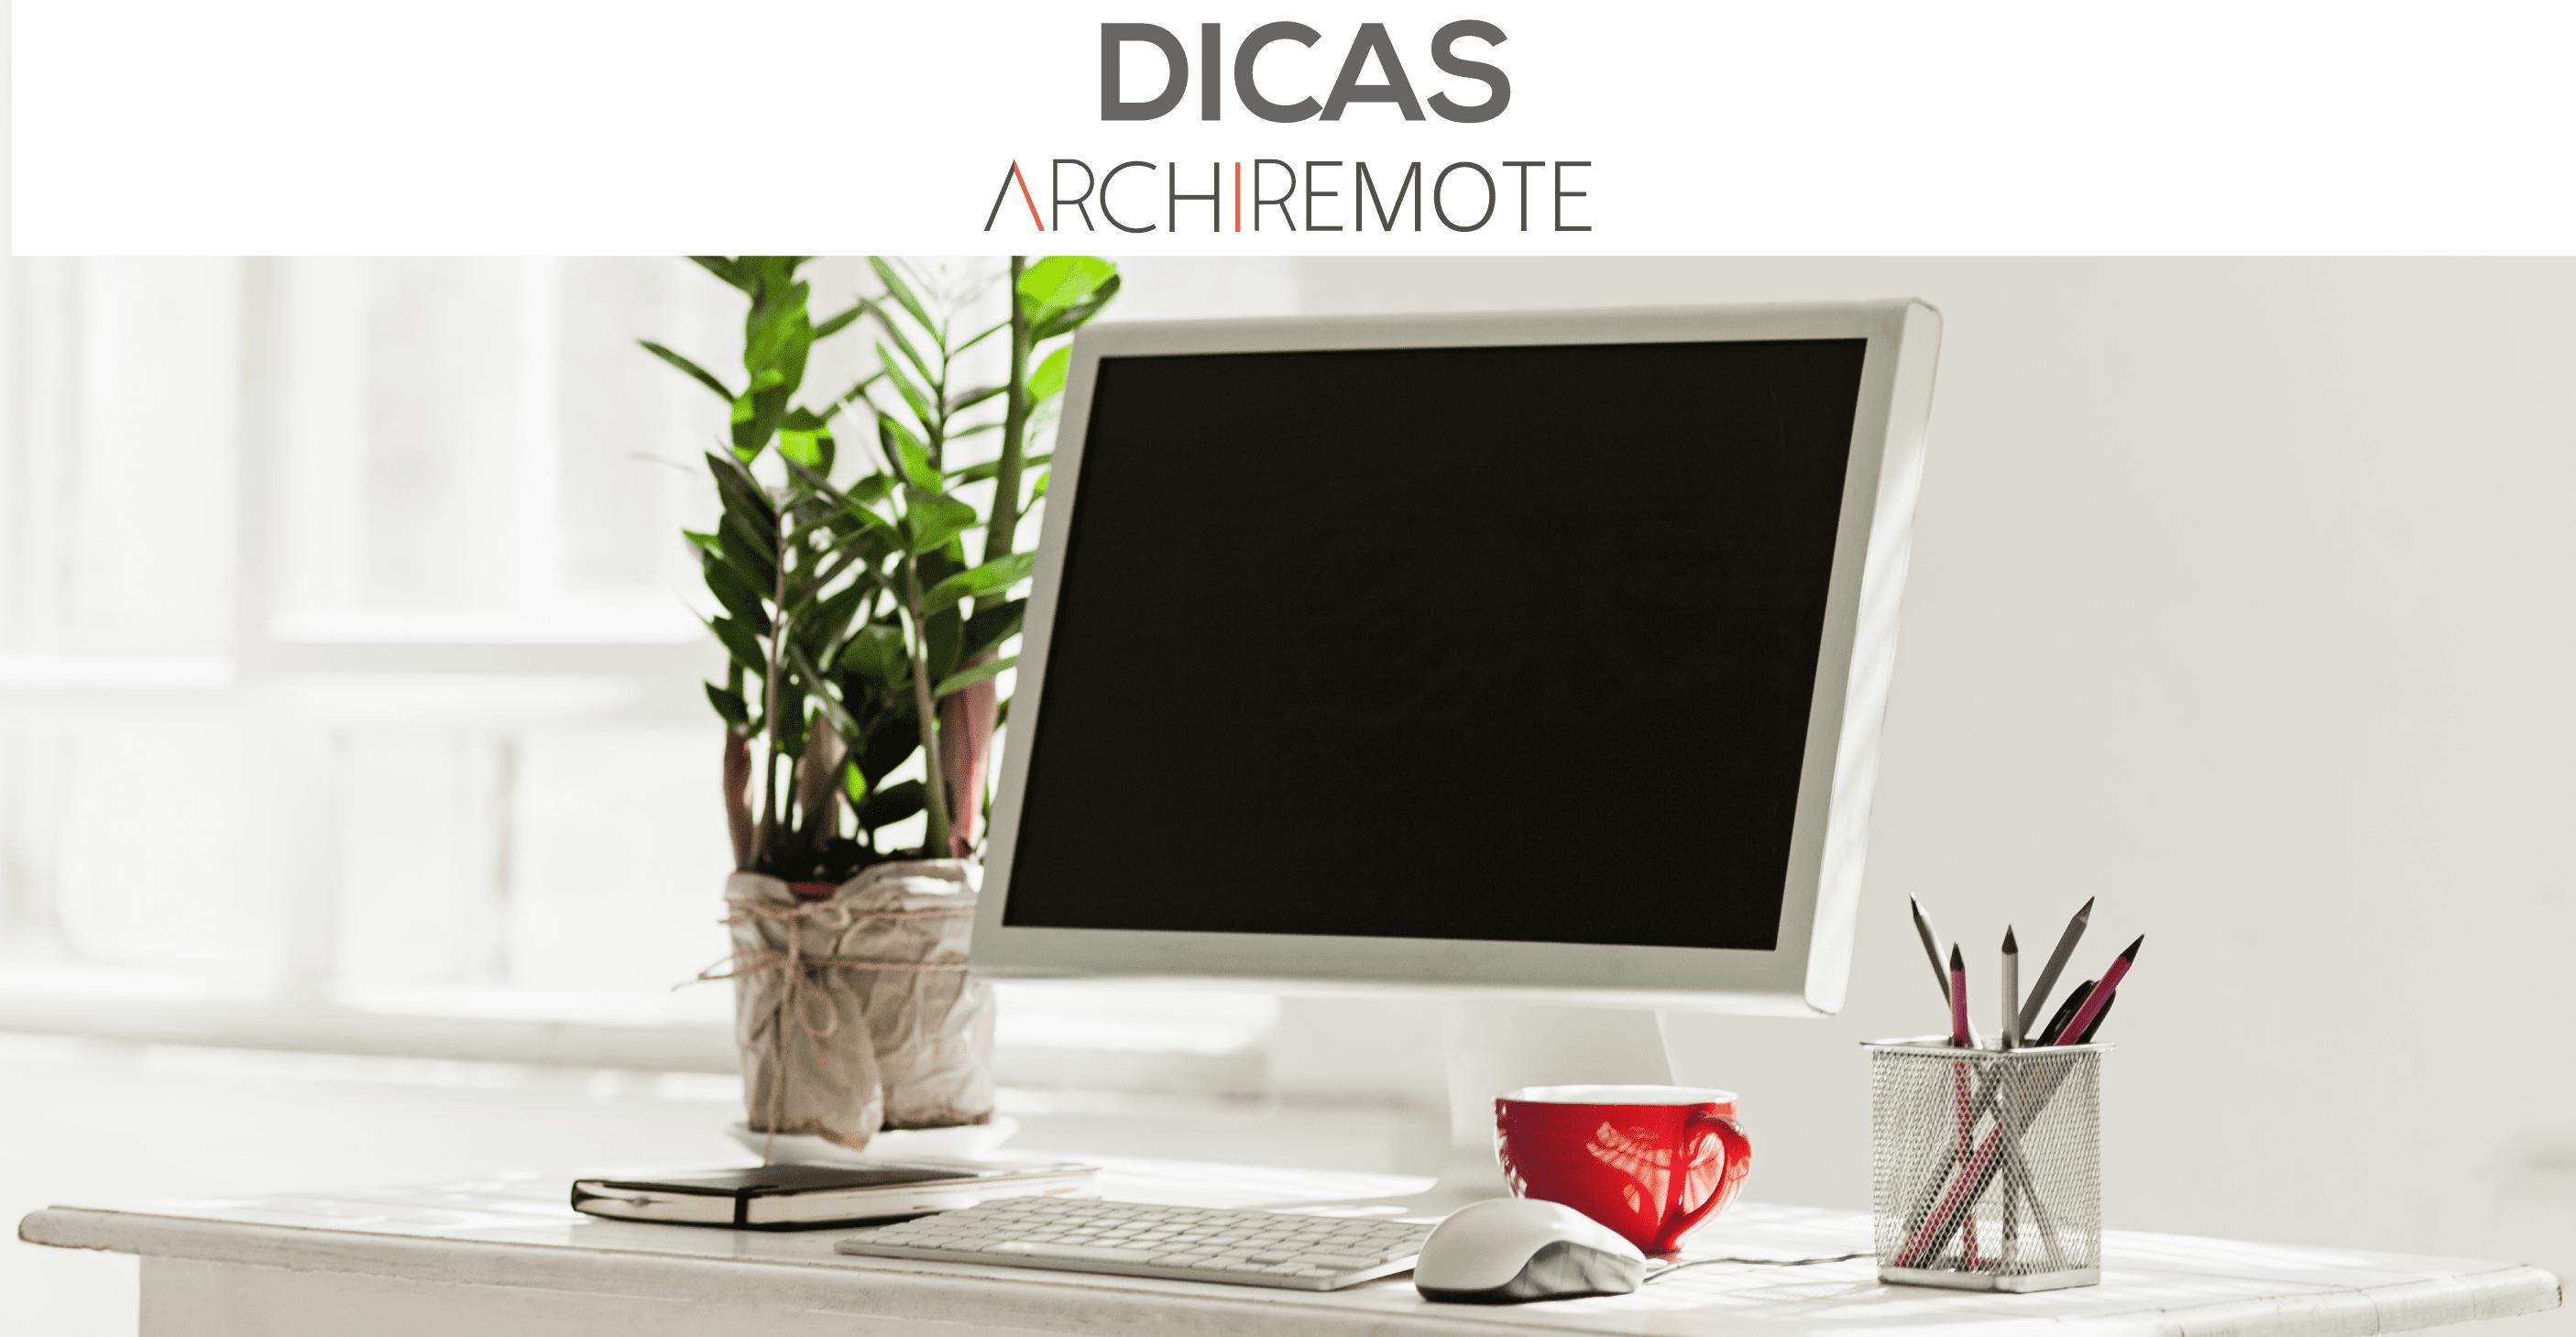 Dicas Archiremote